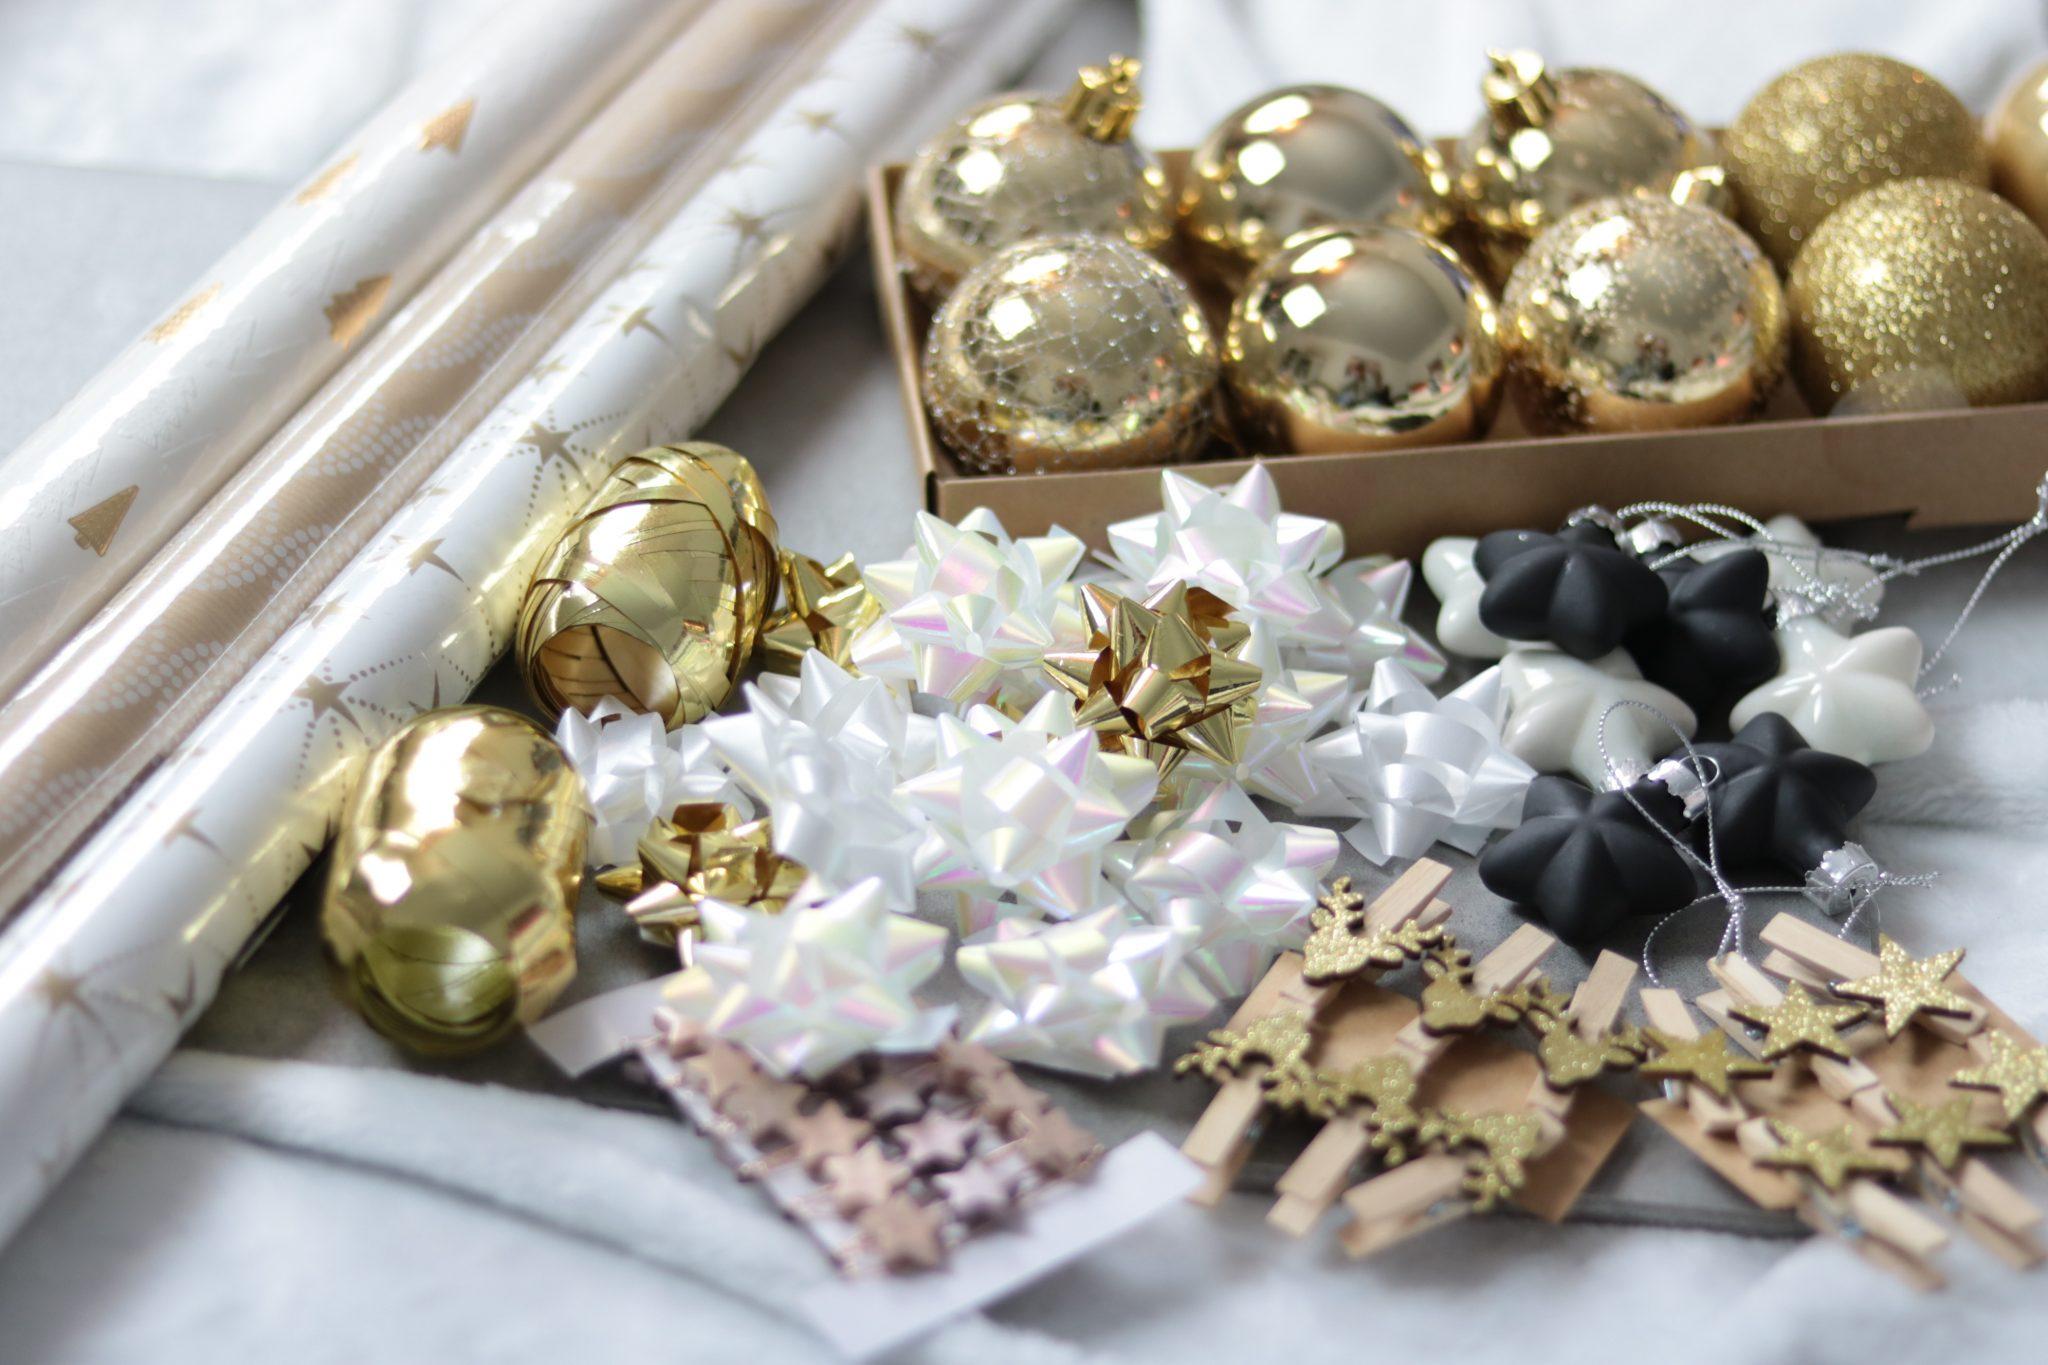 geschenk-mal-anders-verpacken-diy-blog